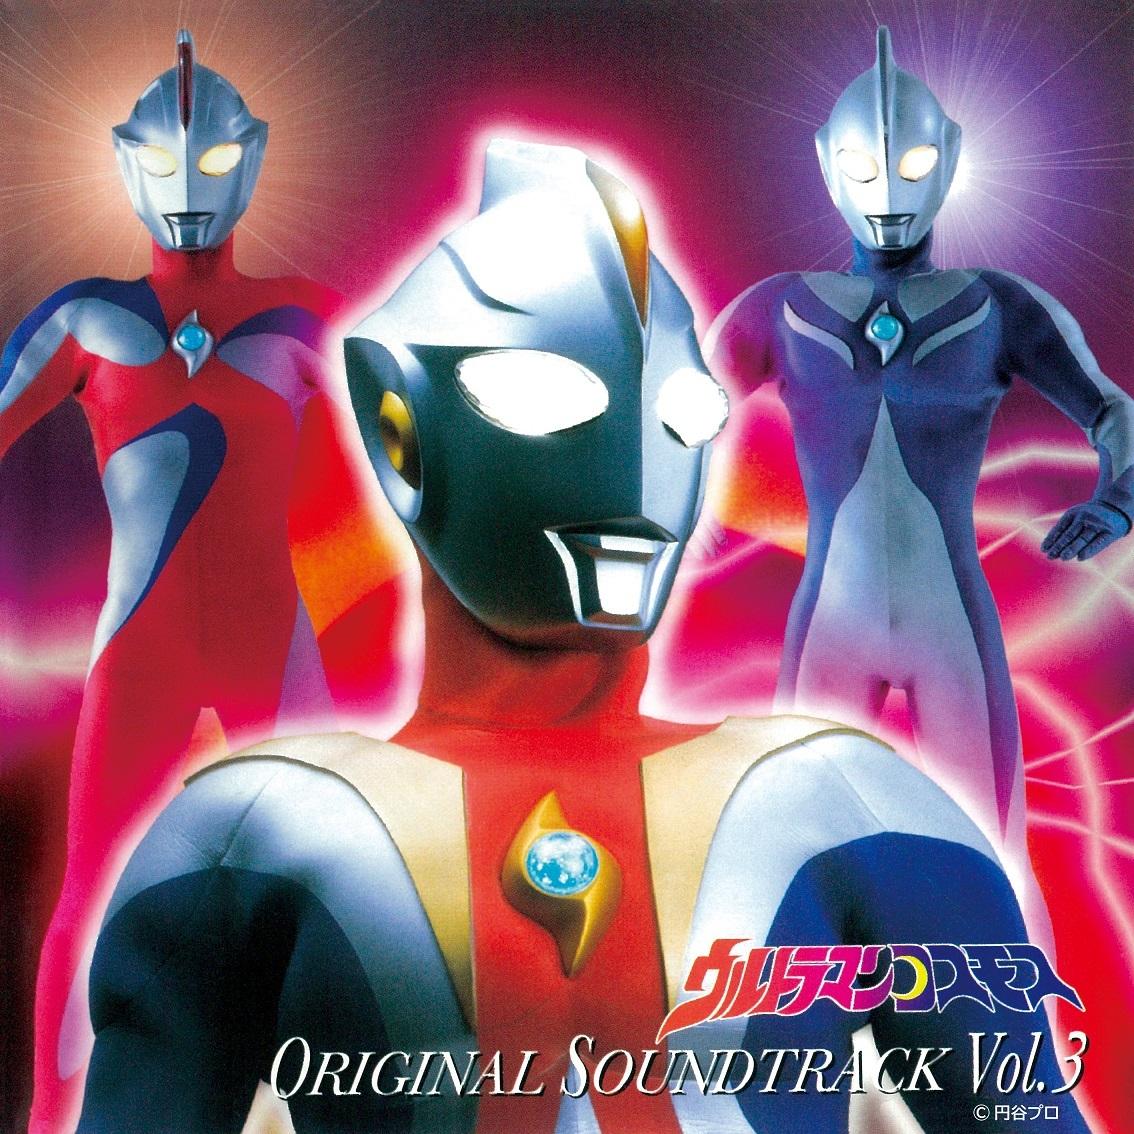 『ウルトラマンコスモス オリジナル・サウンドトラック Vol.3』 (C)円谷プロ